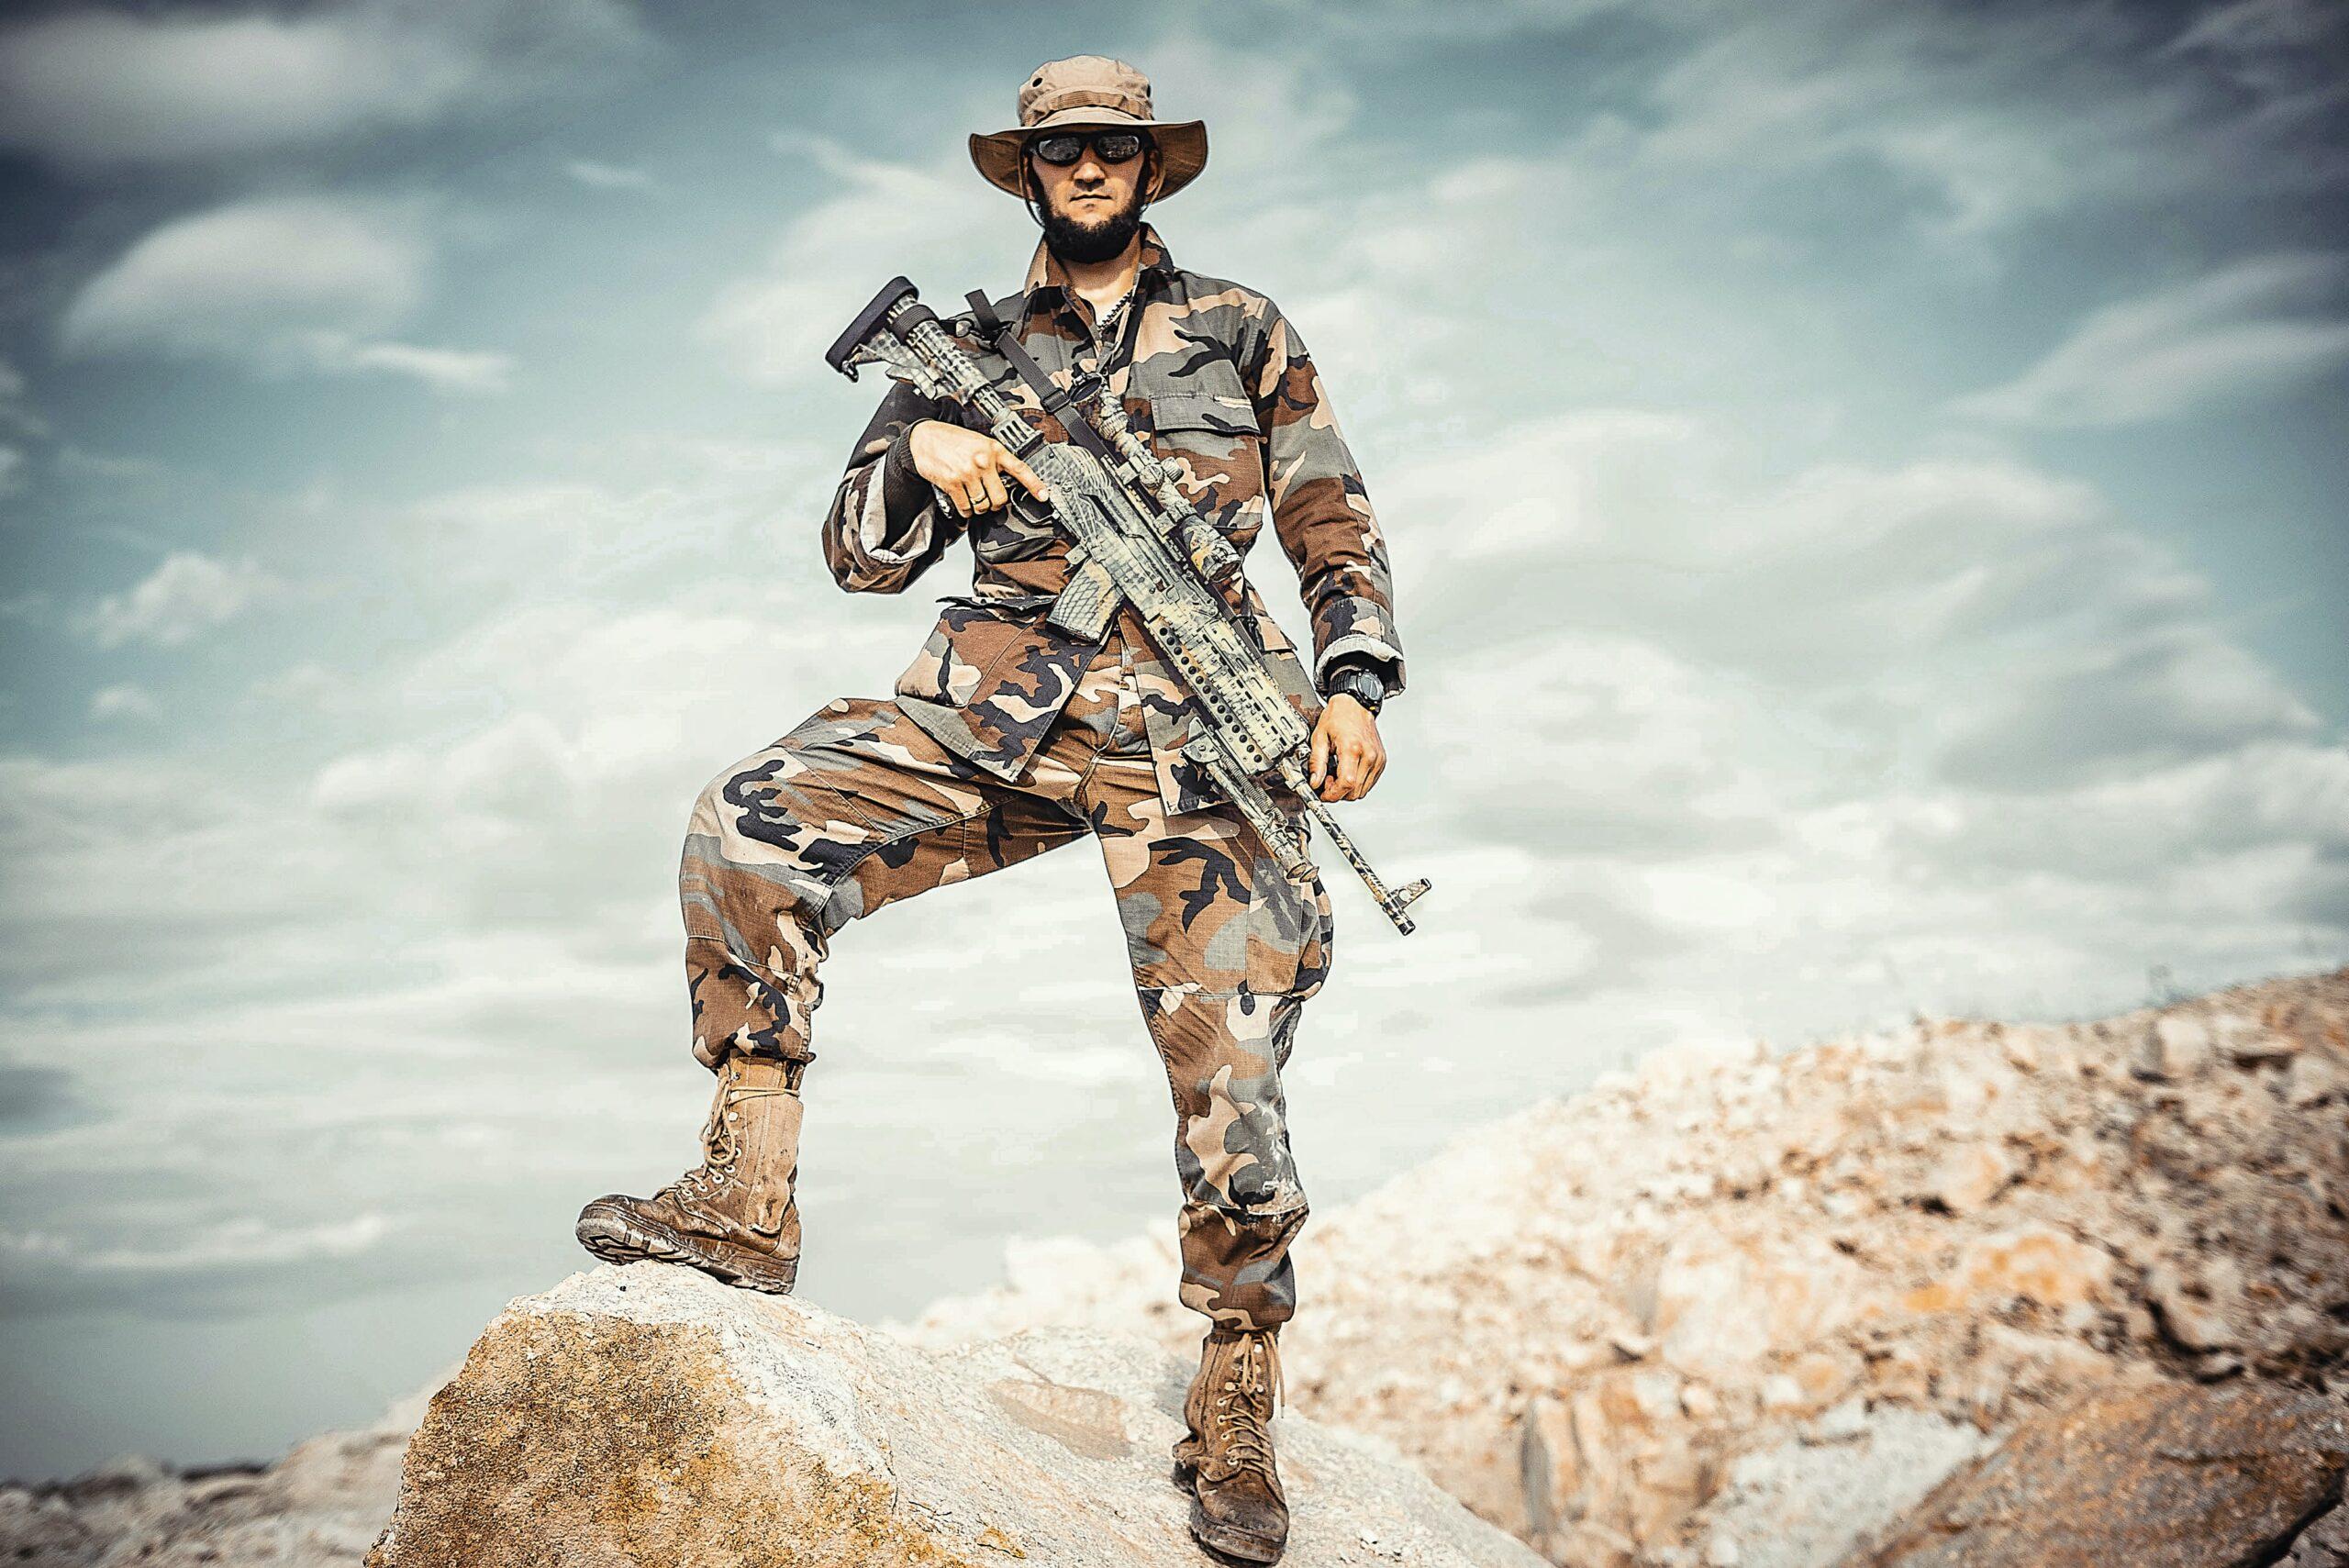 Uchylanie się od służby wojskowej - jakie konsekwencje za to grożą?